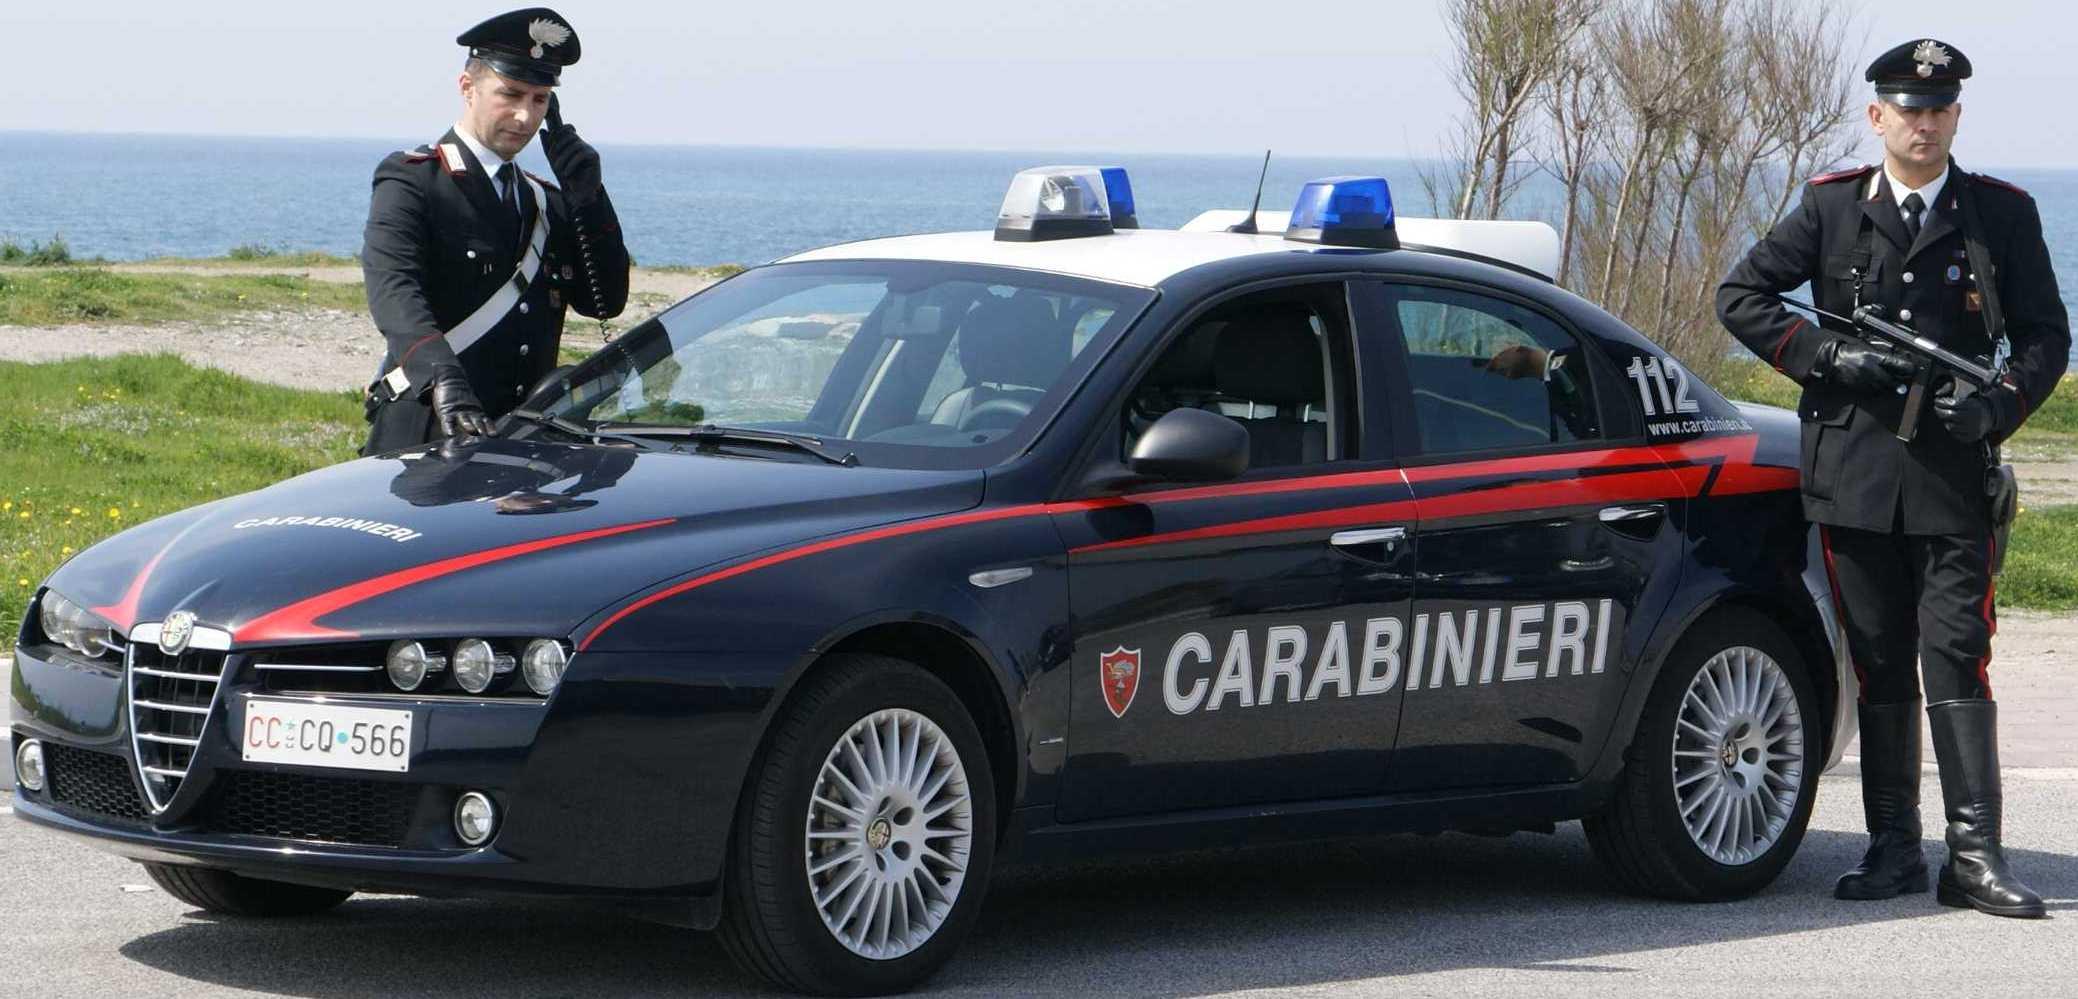 Proiettili davanti la saracinesca di una pizzeria, indagano i Carabinieri